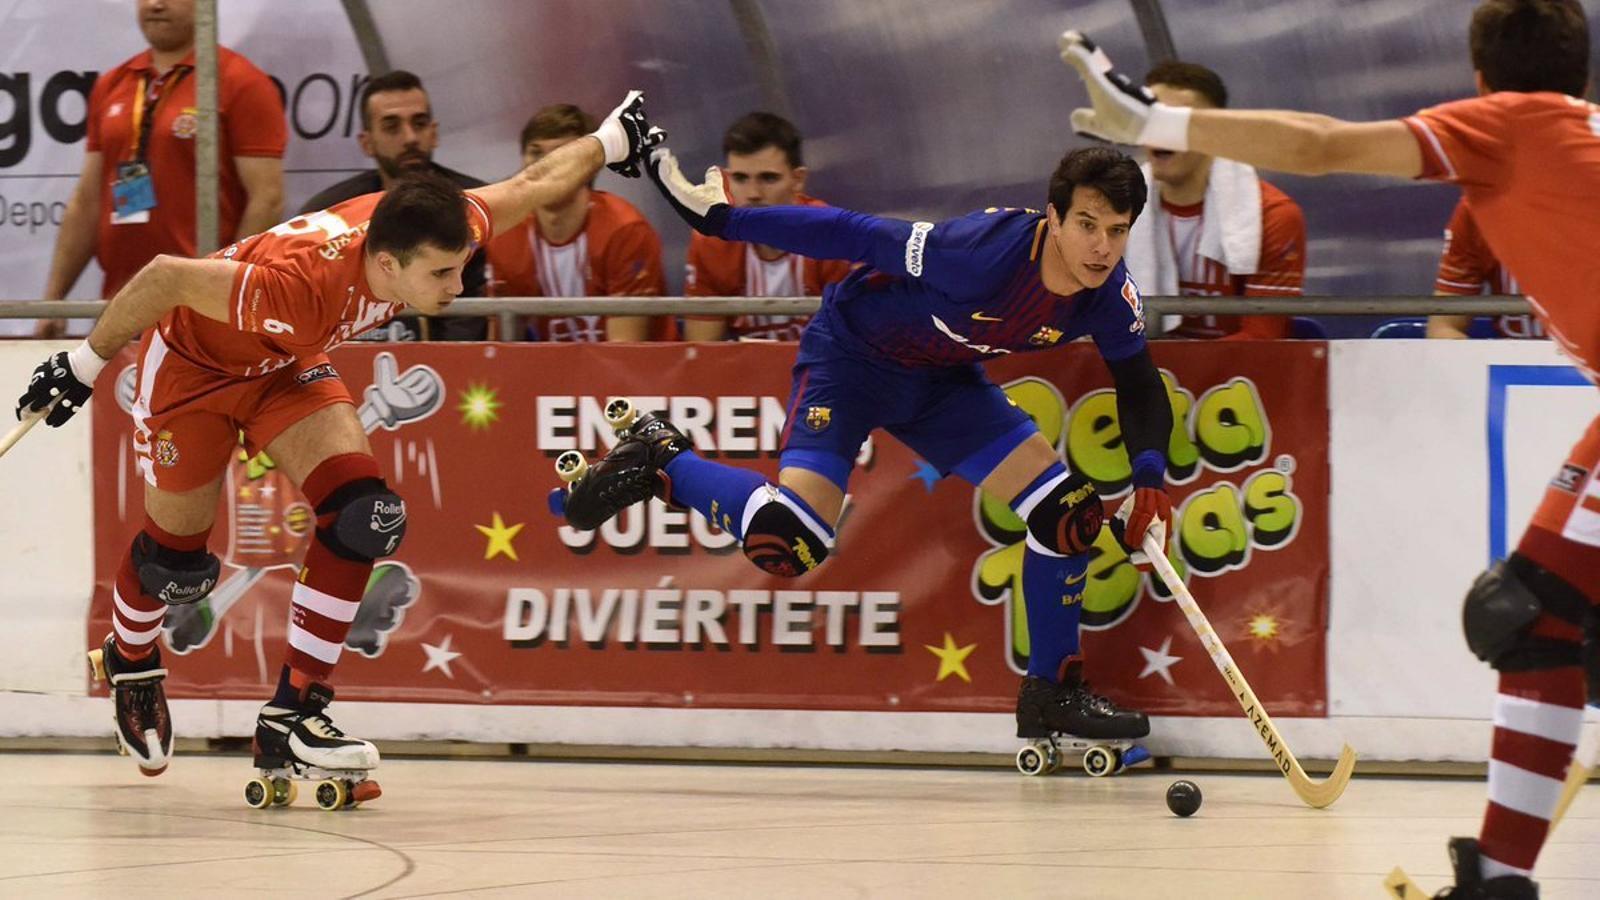 El Barça comença amb una demostració de força contra el Girona  (5-1)